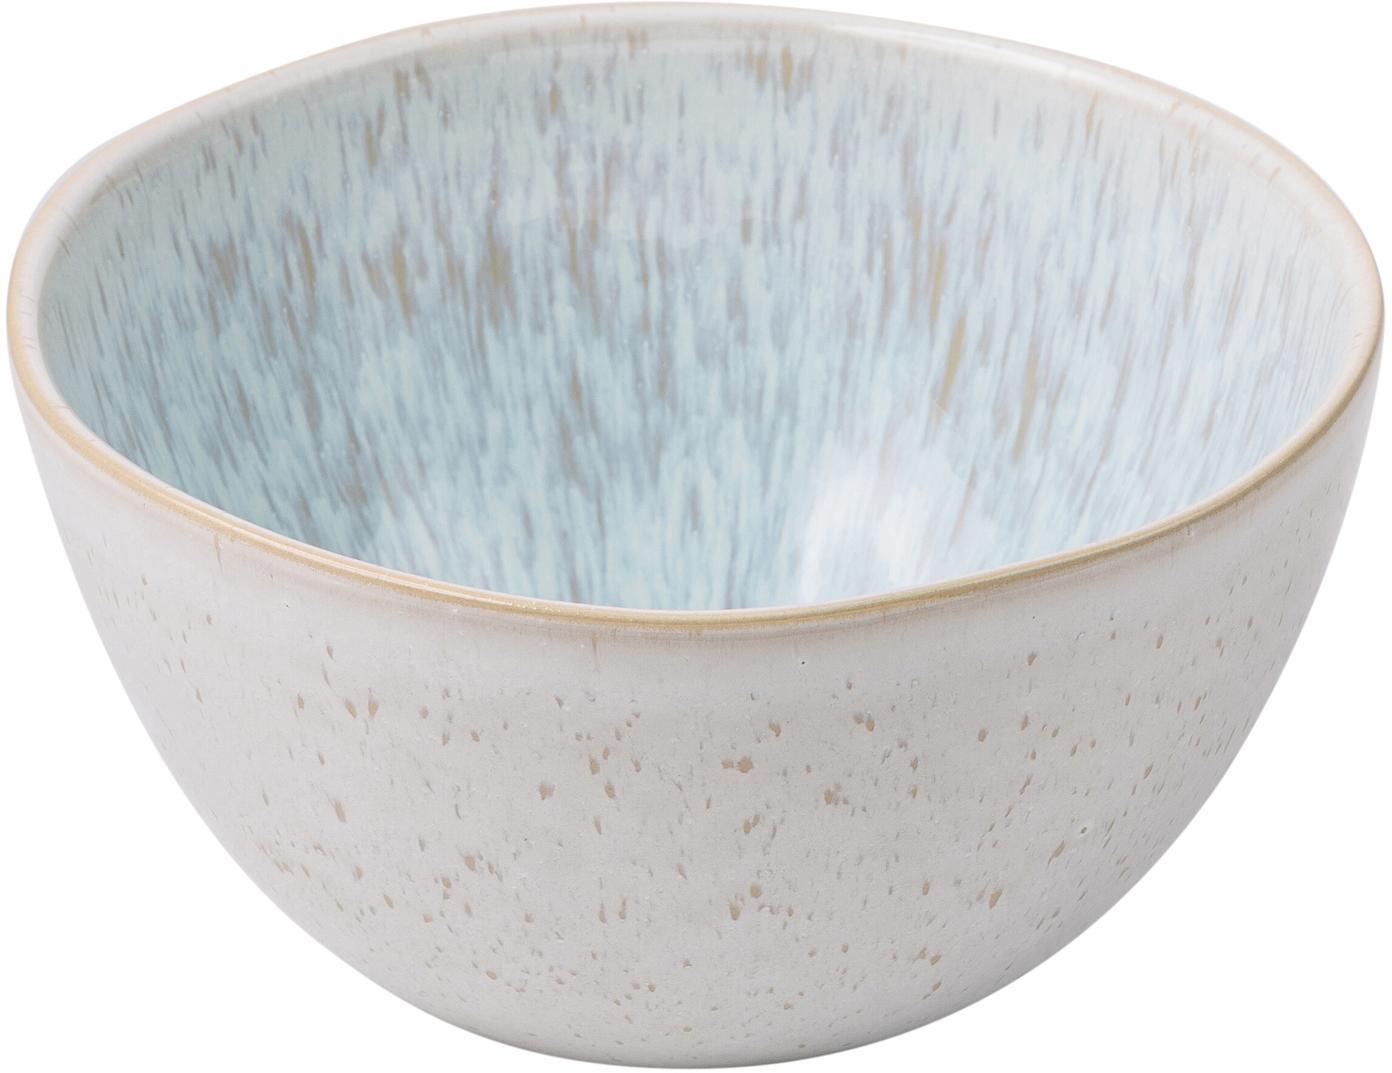 Handbemalte Schälchen Areia mit reaktiver Glasur, 2 Stück, Steingut, Hellblau, Gebrochenes Weiss, Hellbeige, Ø 15 x H 8 cm